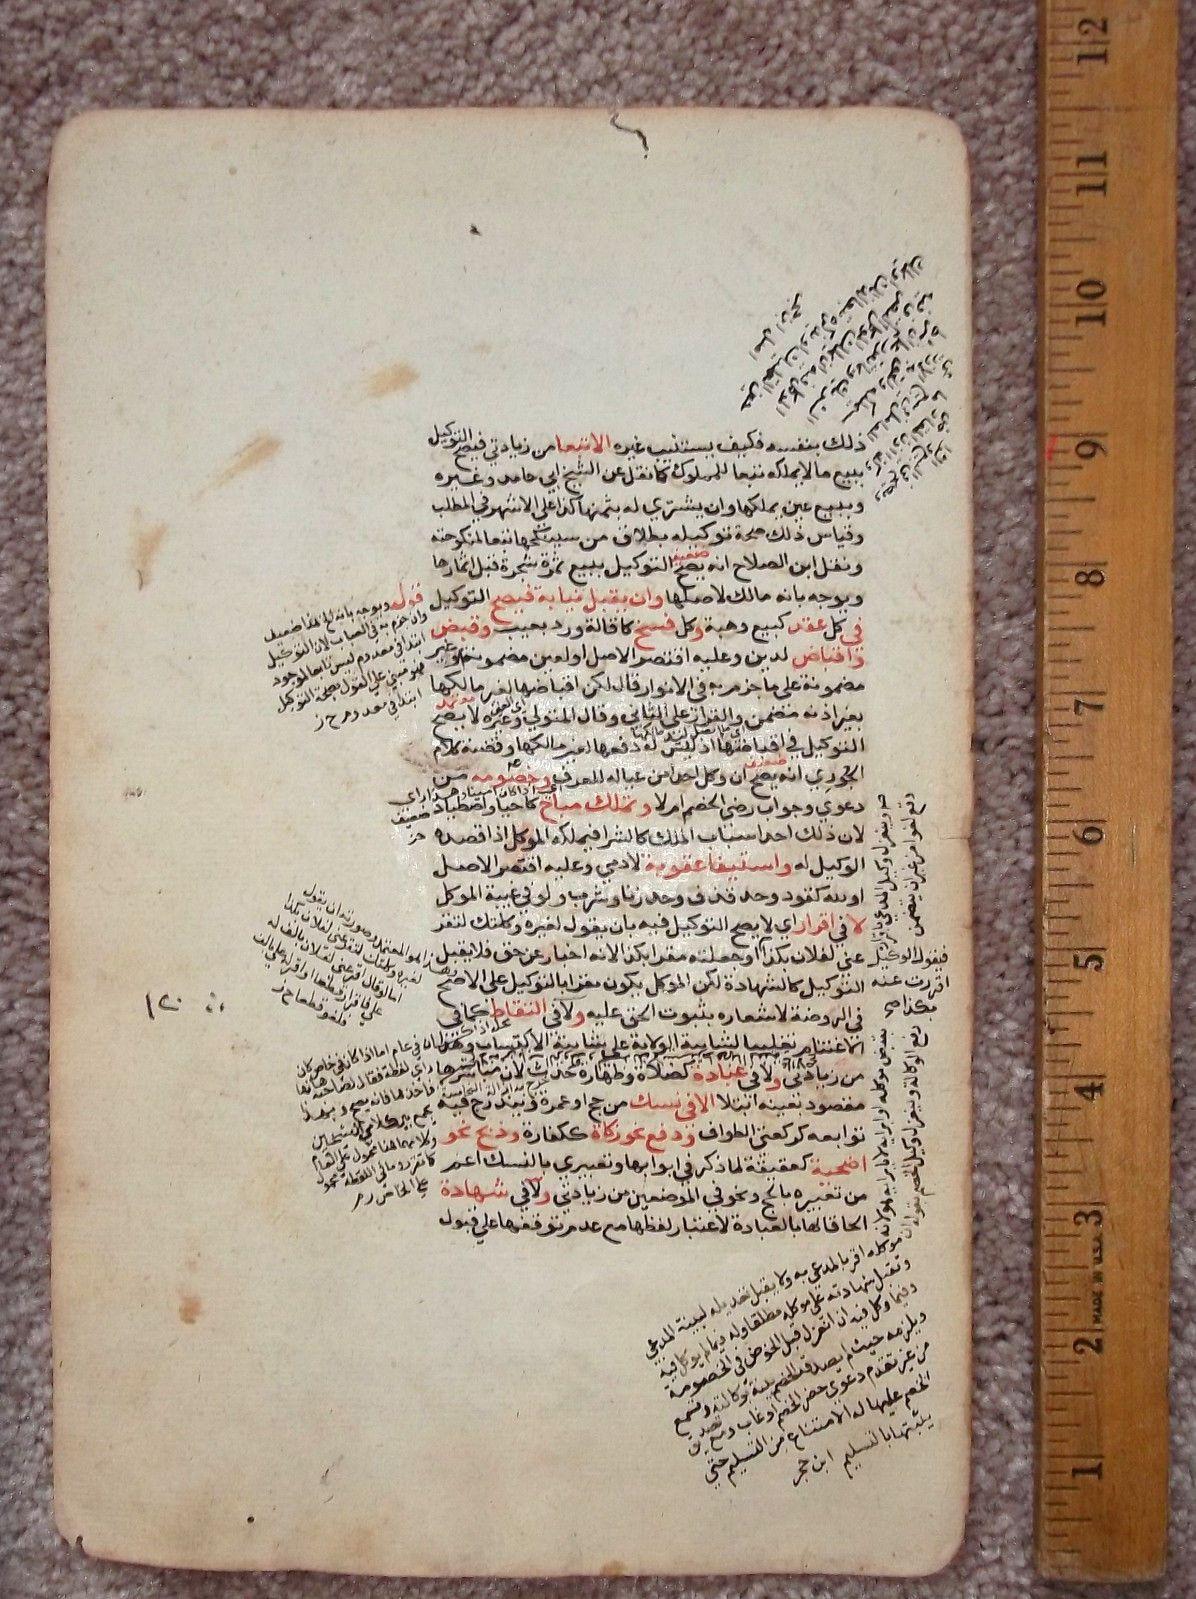 Imam Shafi Fiqh Book